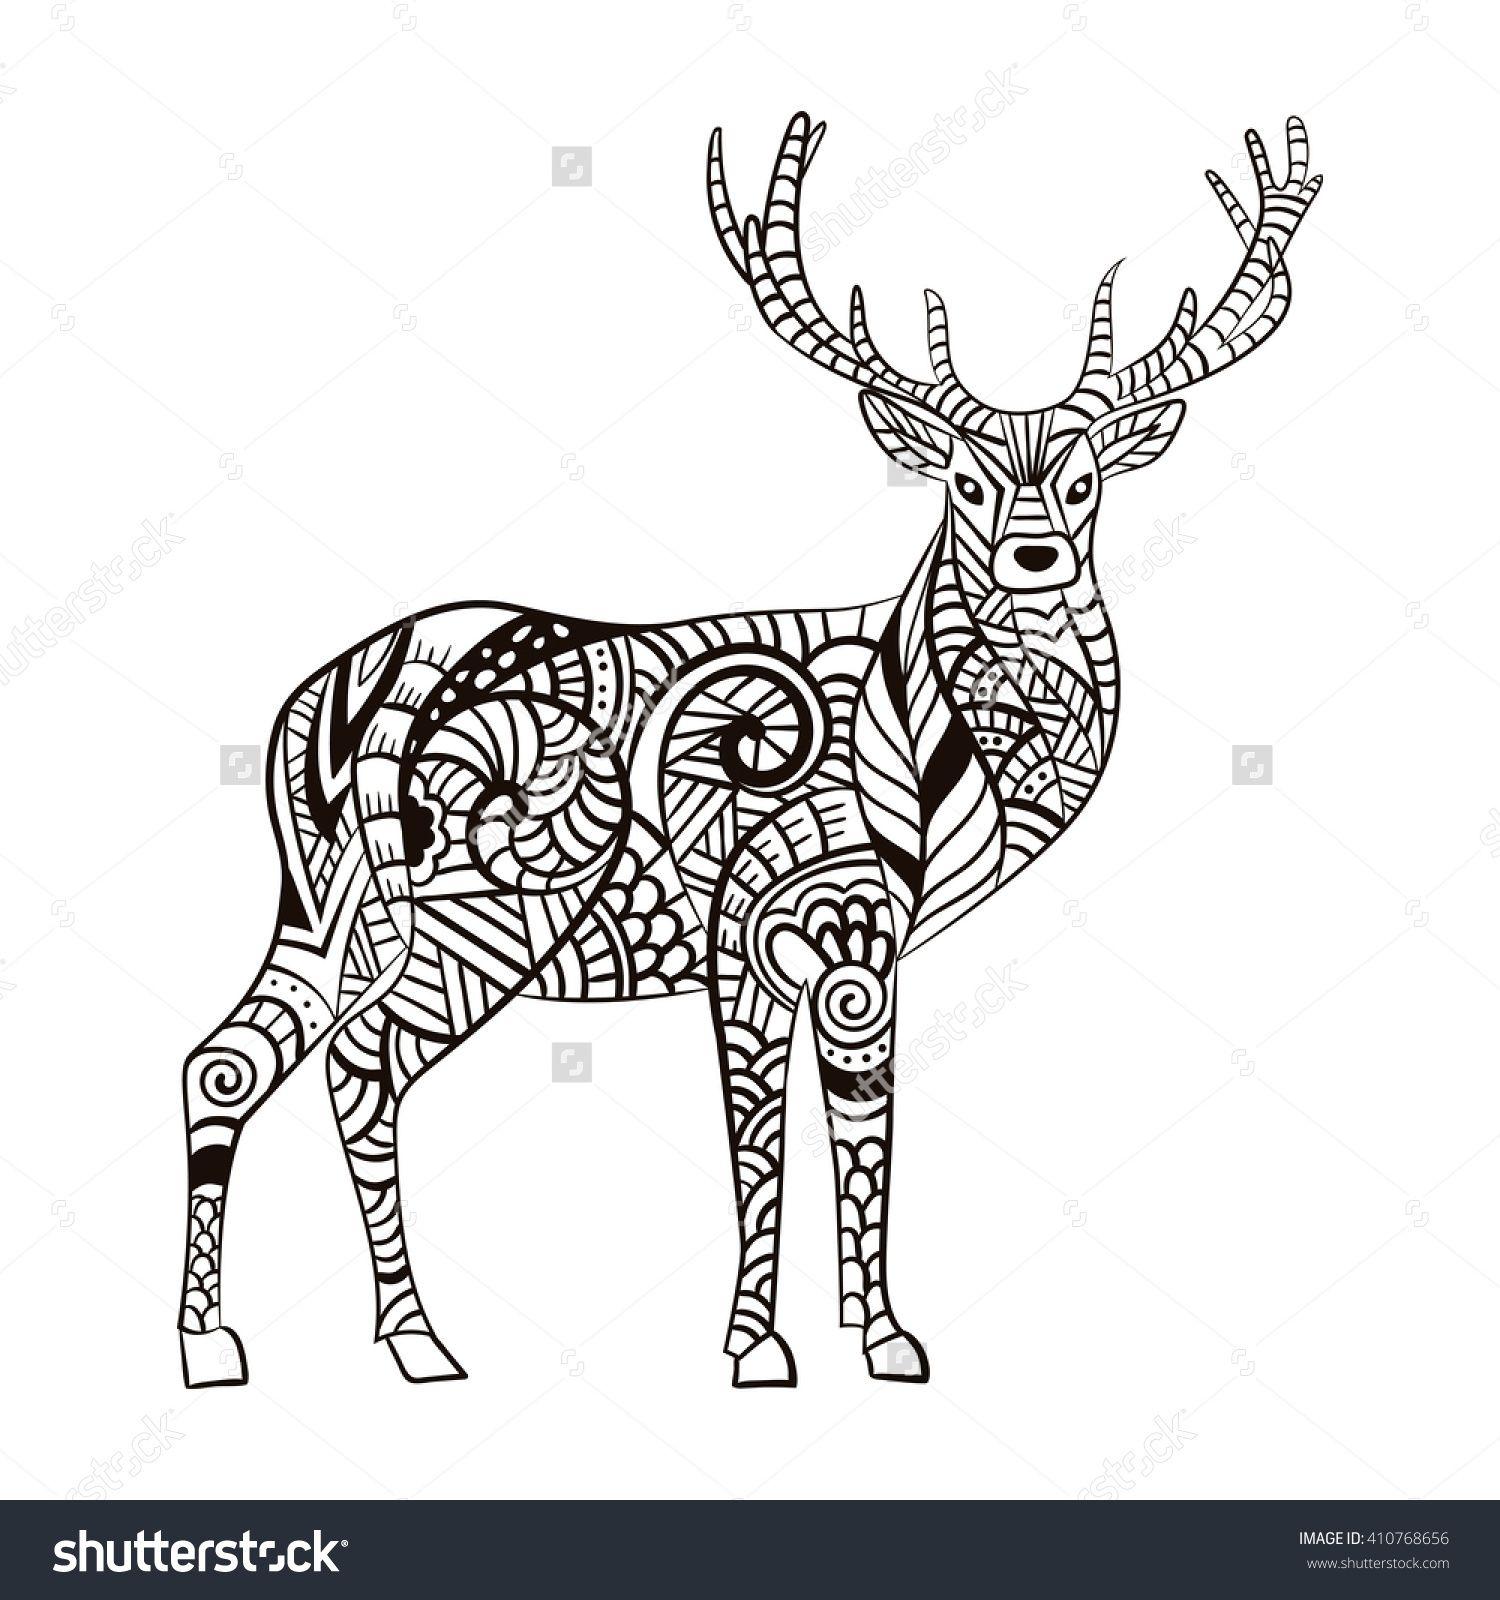 Pin By Barbara On Coloring Deer